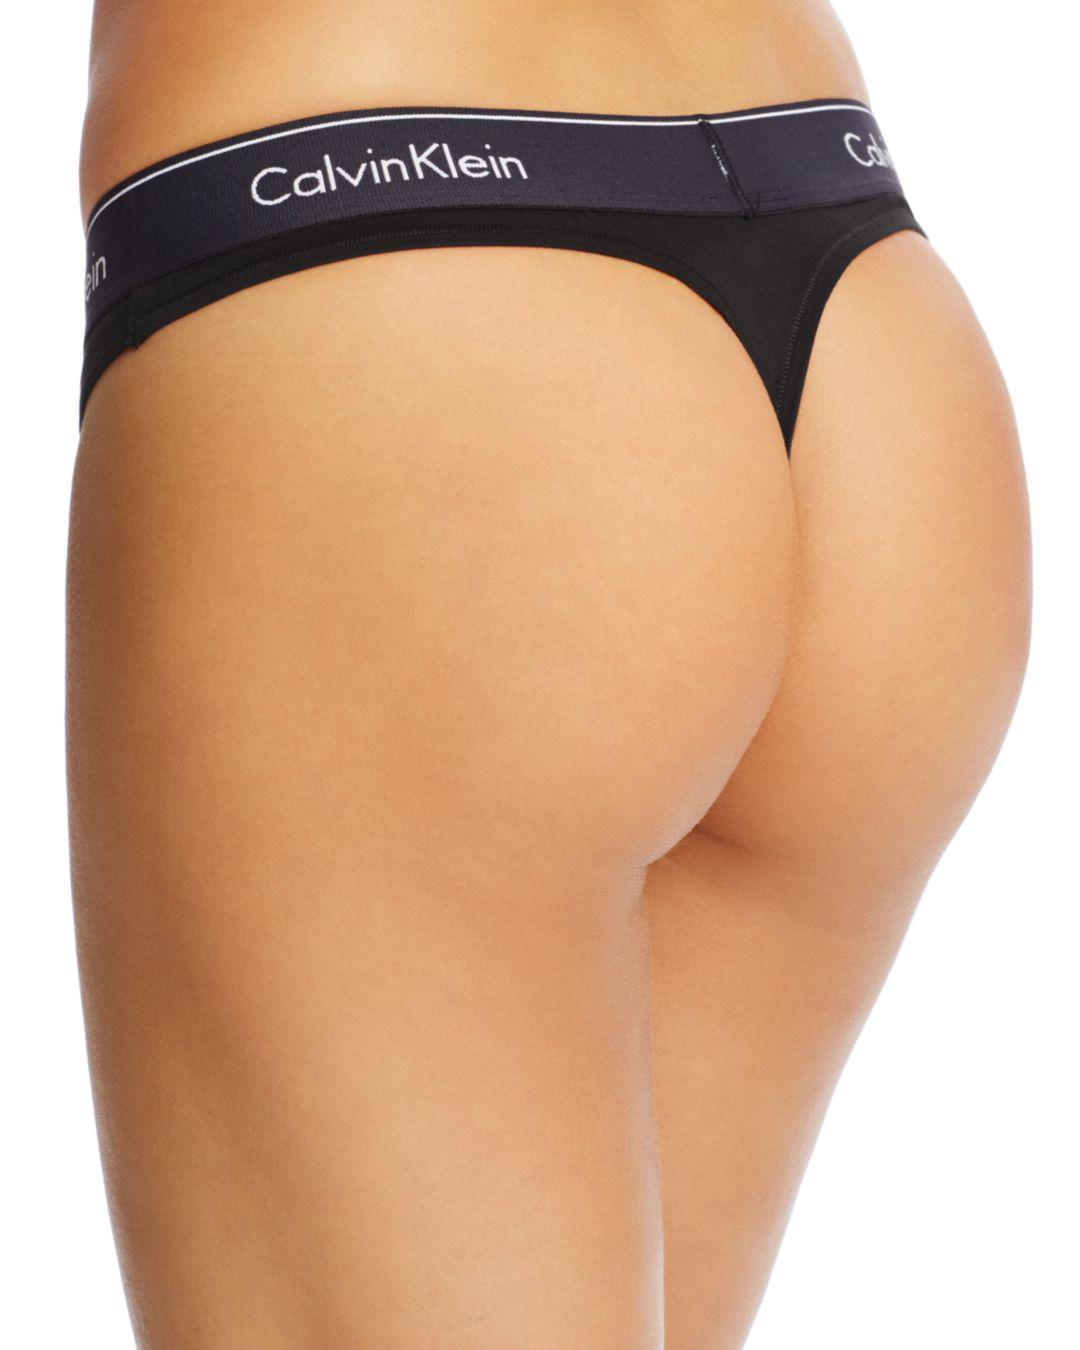 a7c6a57e41dd Calvin Klein Modern Cotton Thong in Black - Lyst